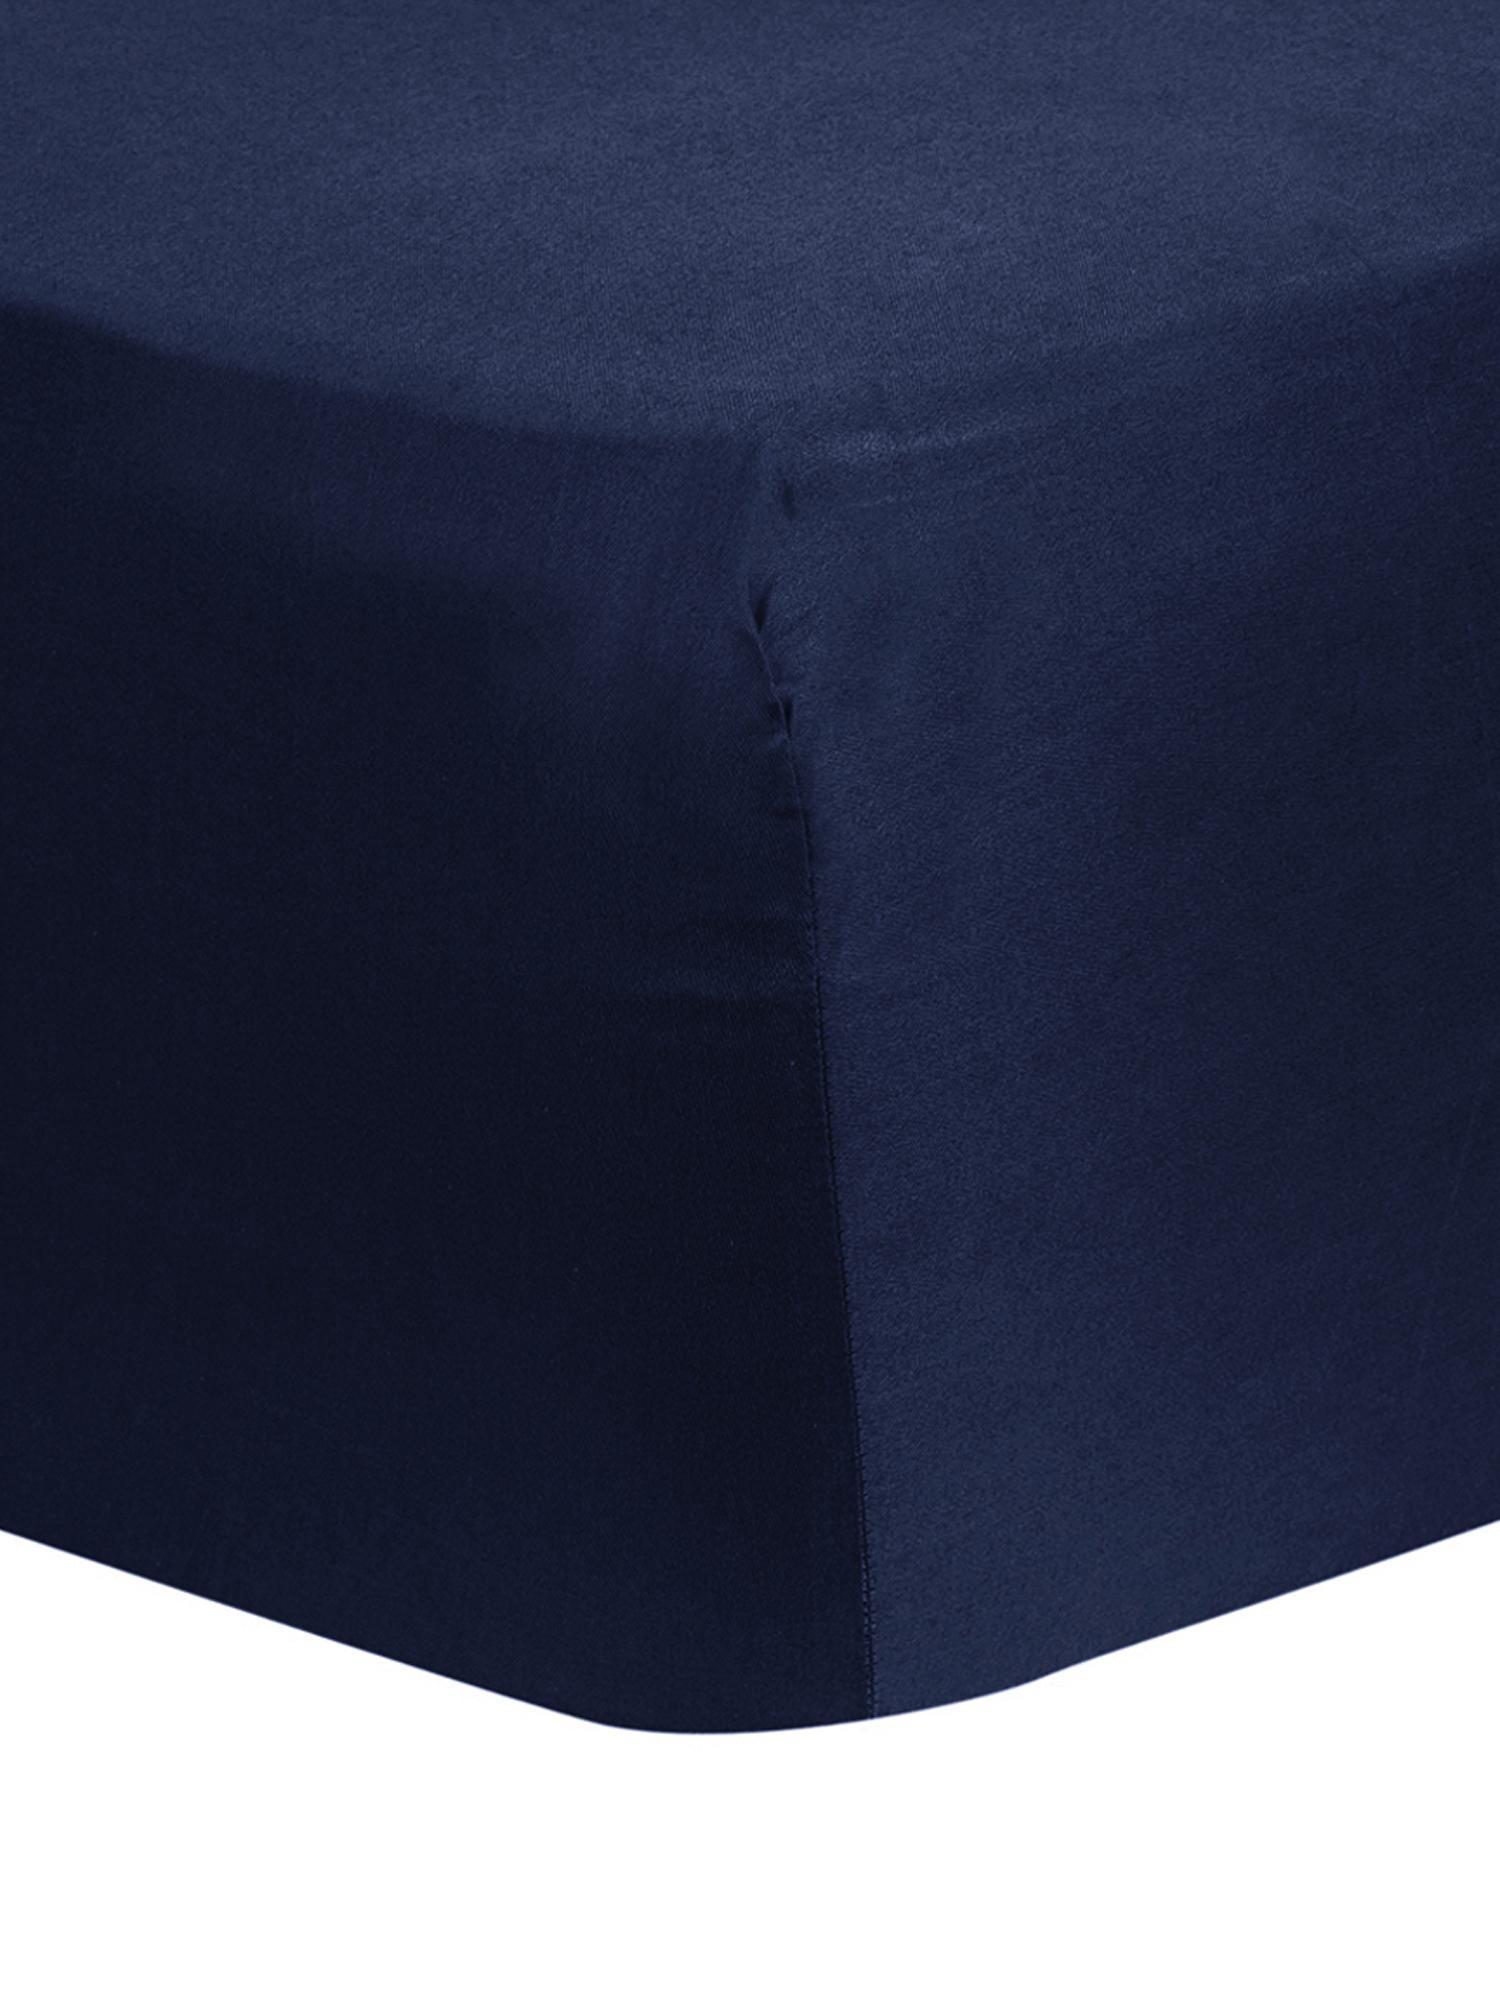 Boxspring hoeslaken Comfort, katoensatijn, Weeftechniek: satijn, licht glanzend, Donkerblauw, 90 x 200 cm